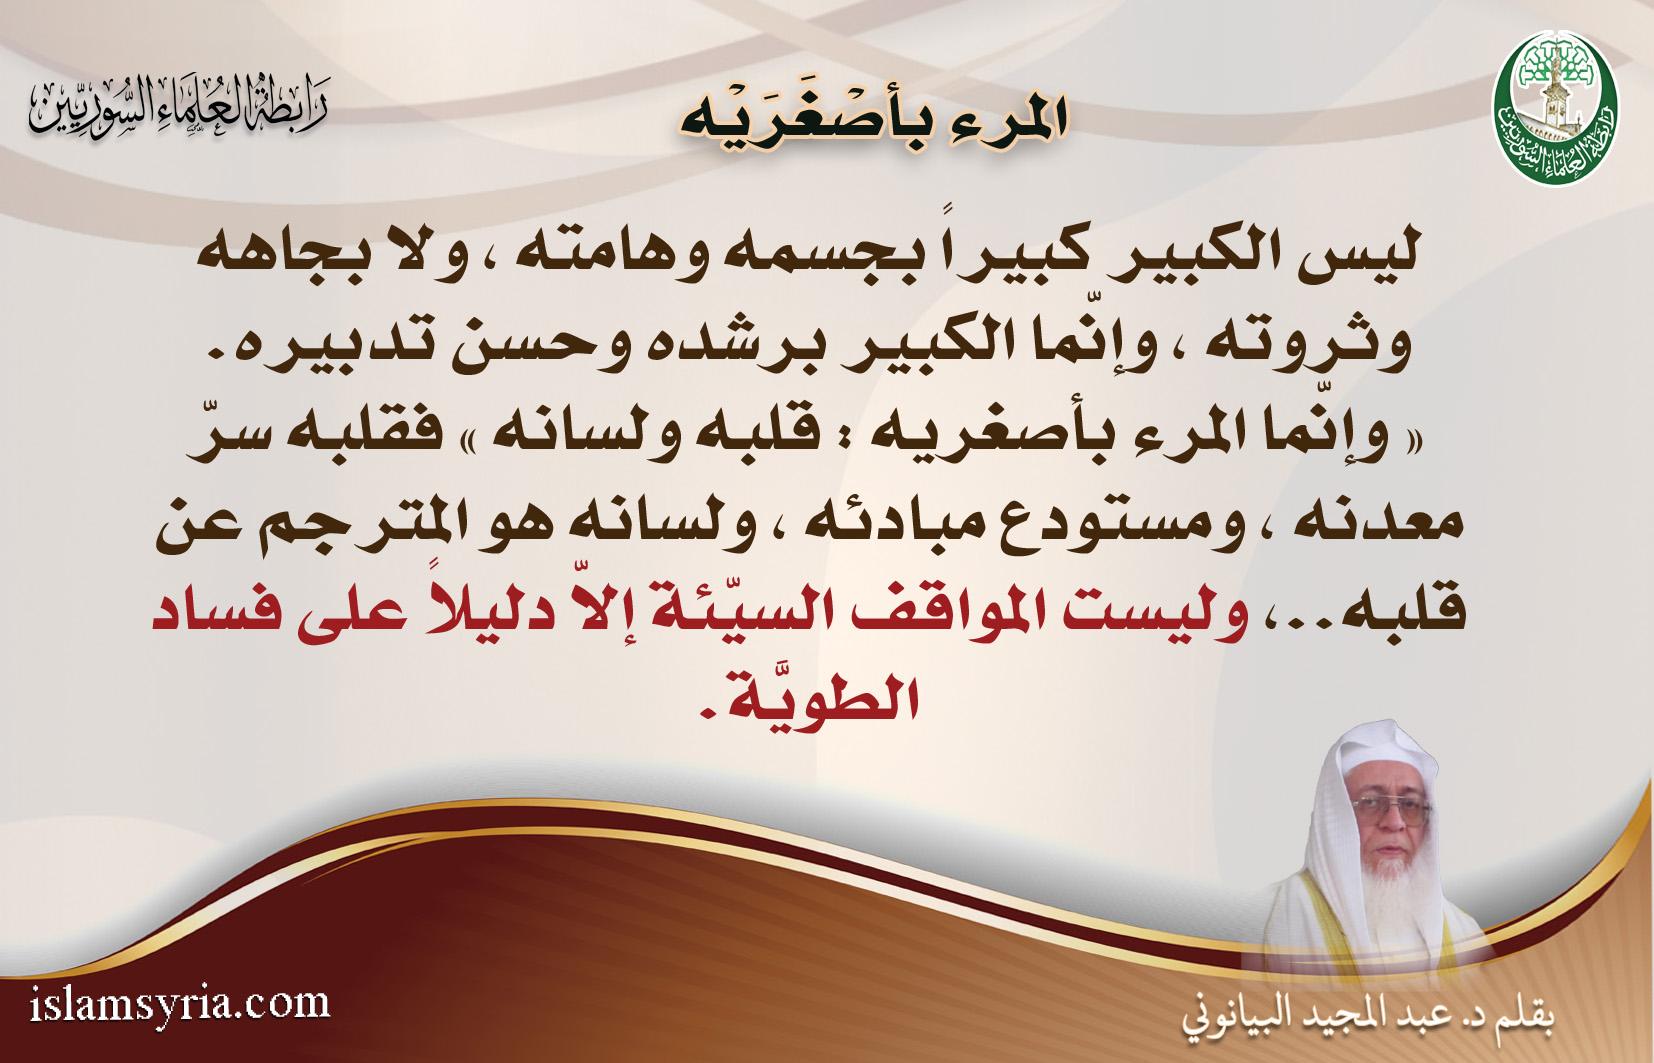 المرء بأصغريه||د. عبد المجيد البيانوني